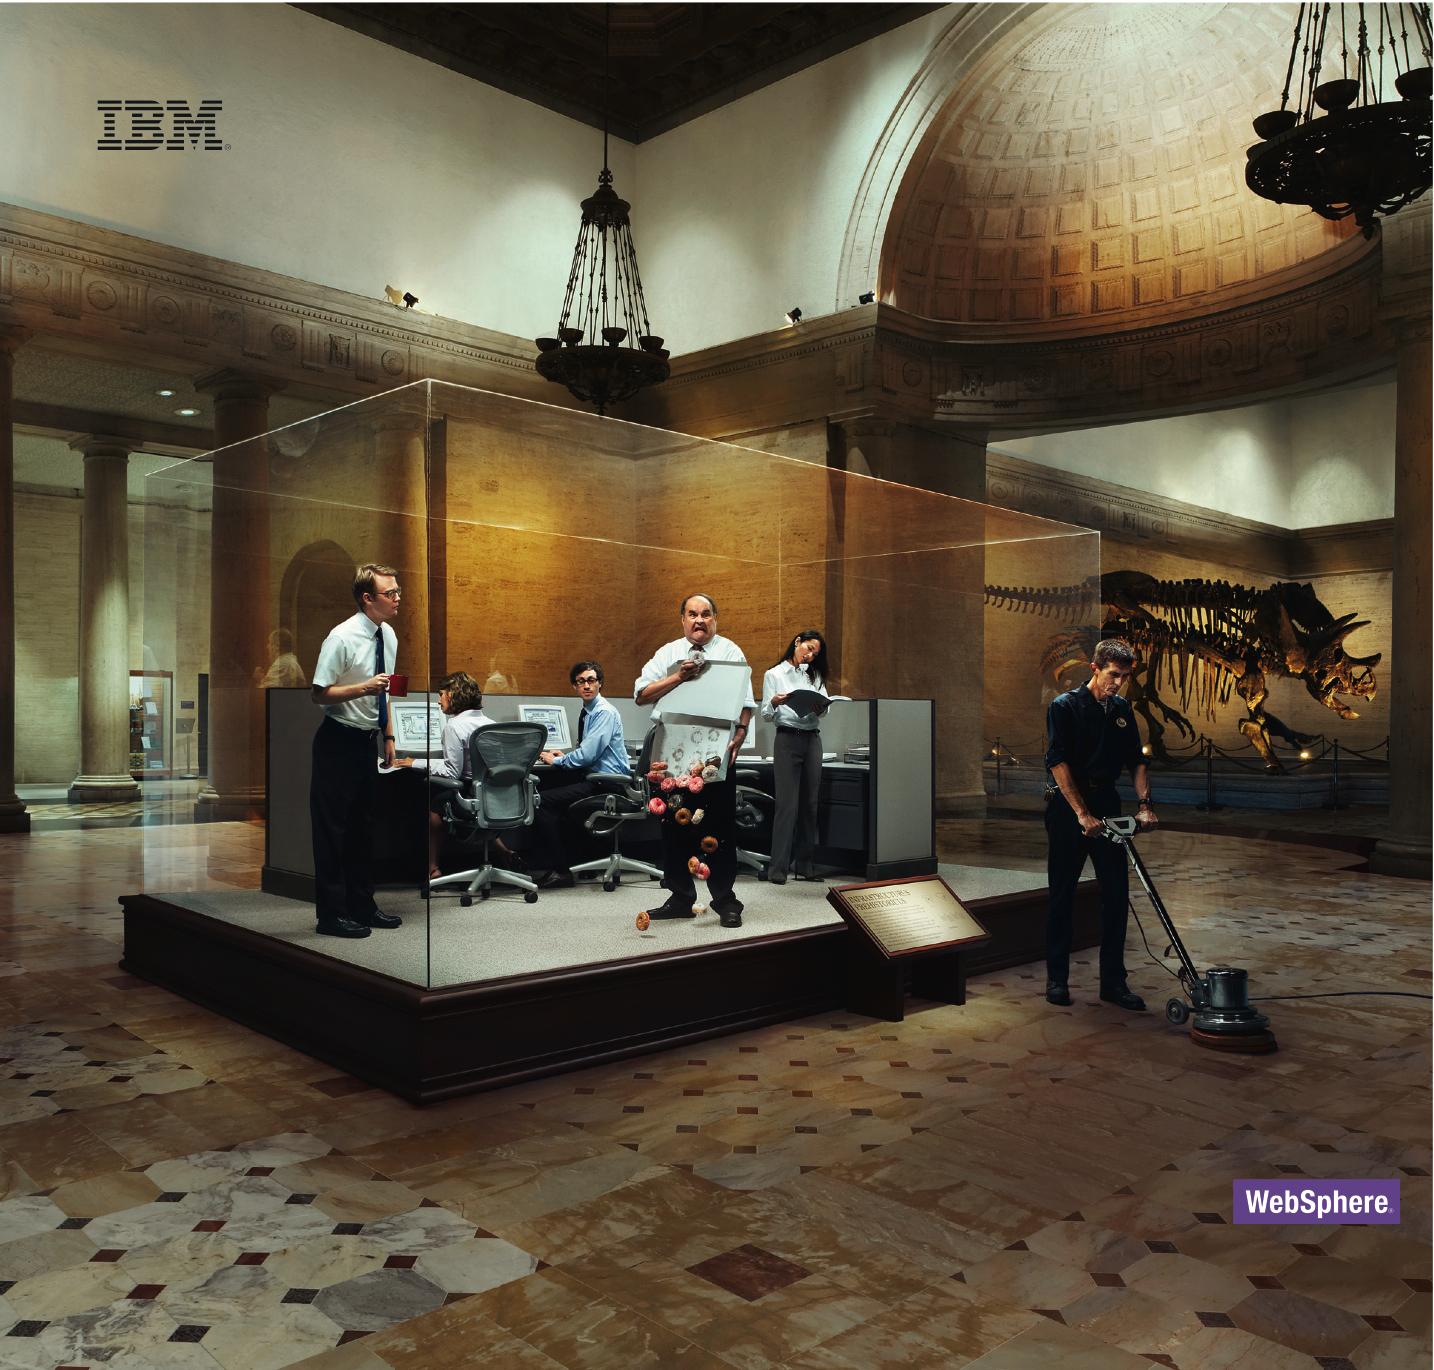 IBM - CLANG